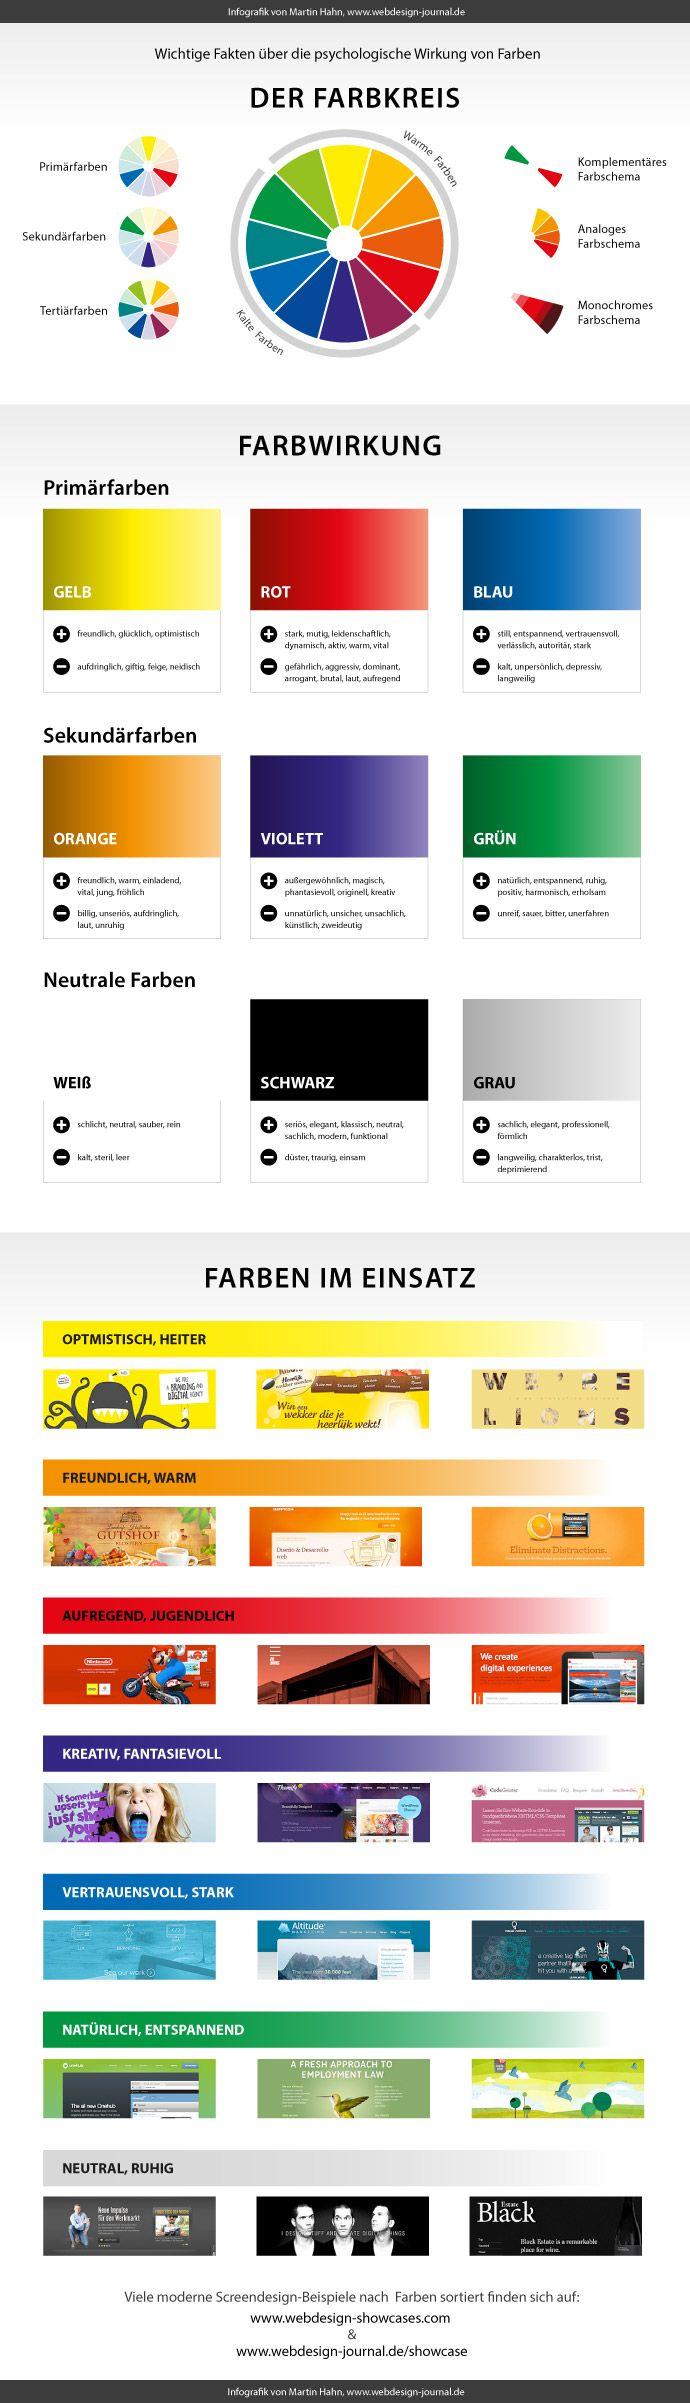 Schwedenhaus farben bedeutung  Die besten 20+ Wohnzimmer farbe Ideen auf Pinterest | Schlafzimmer ...